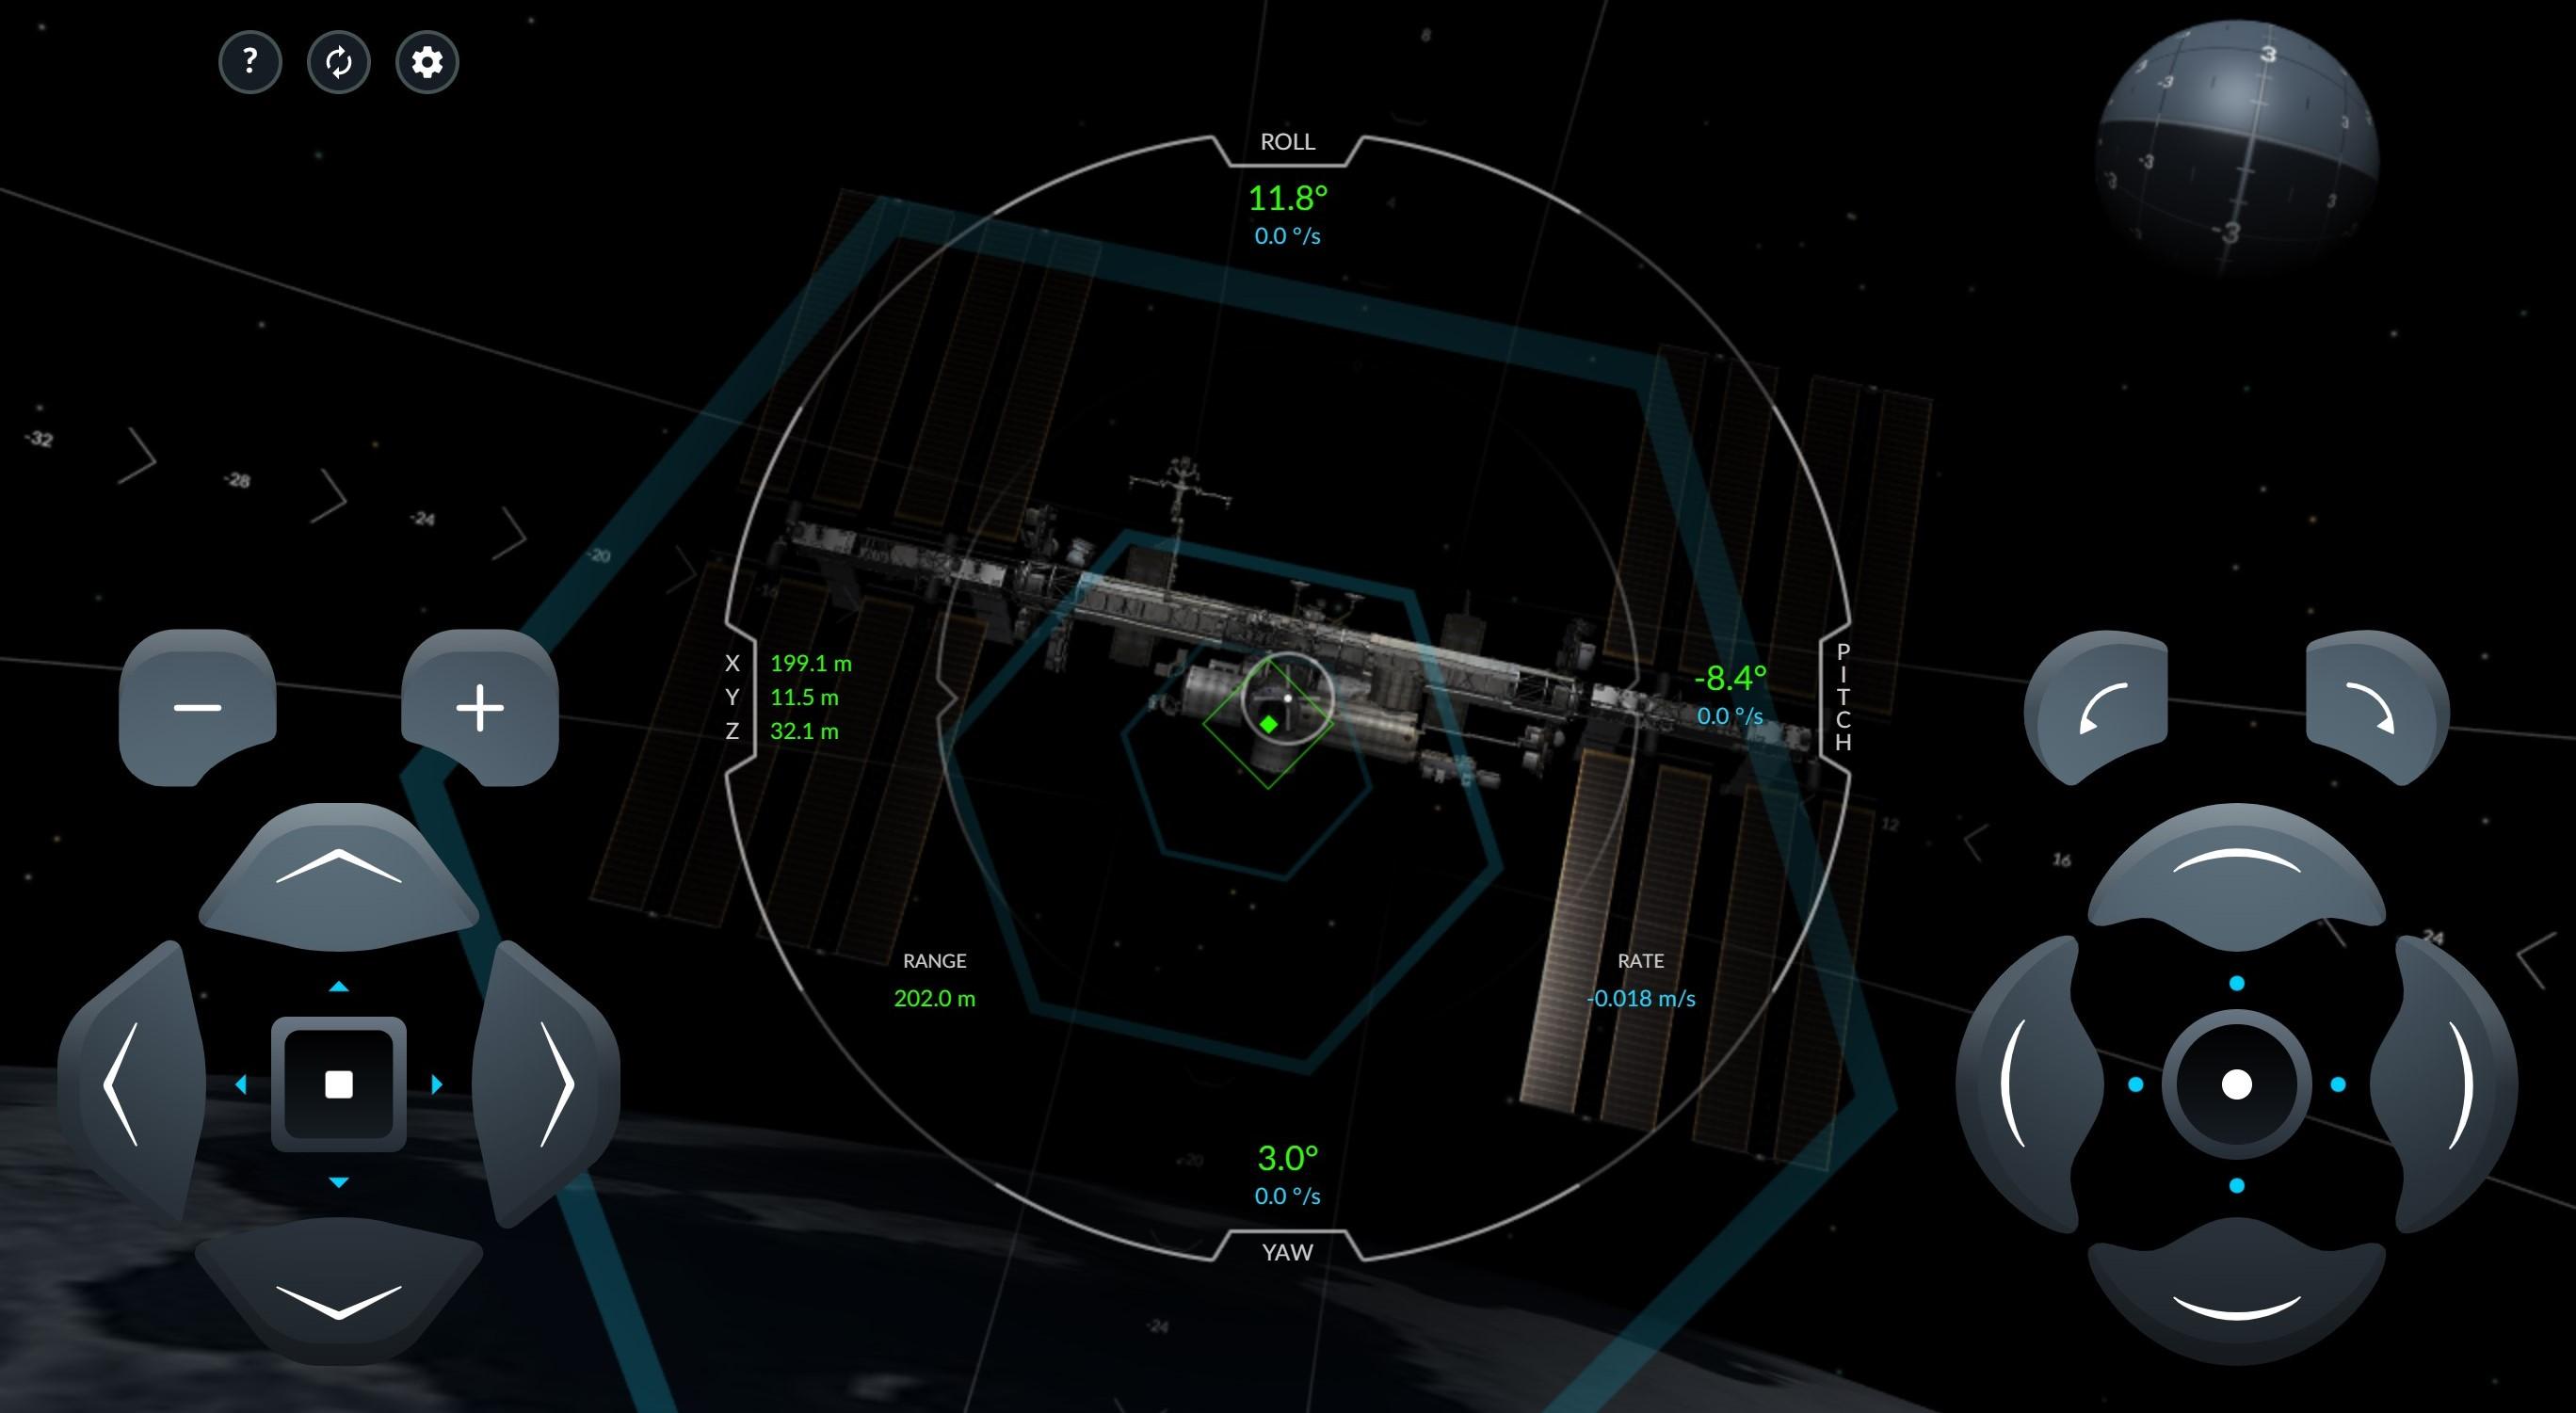 Elon Musk pozwoli Ci przycumować statek Dragon do ISS - w przeglądarce internetowej